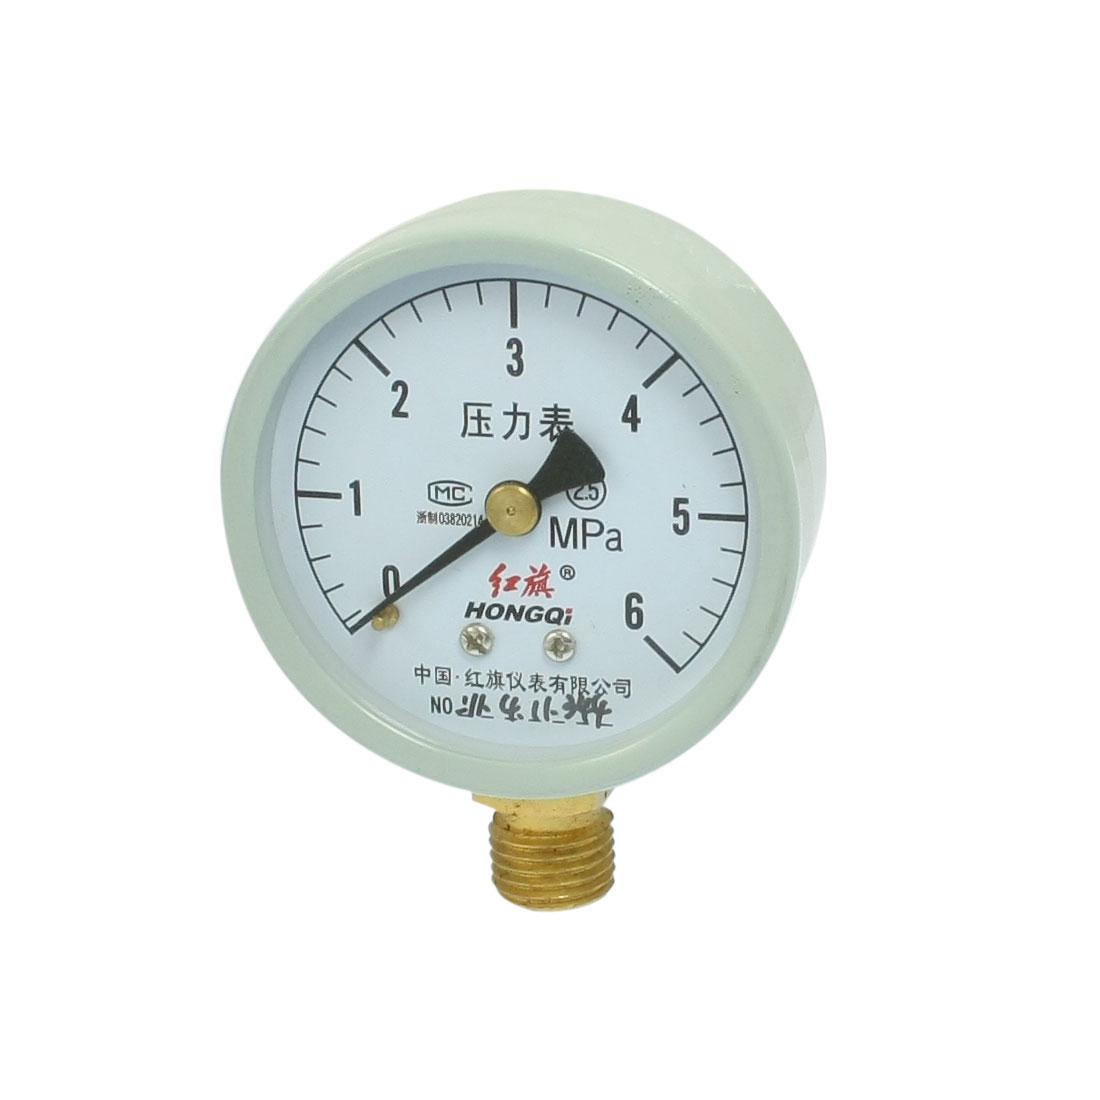 """Round Face 3/8"""" NPT Thread Water Air Pressure Gauge 0-6MPa"""